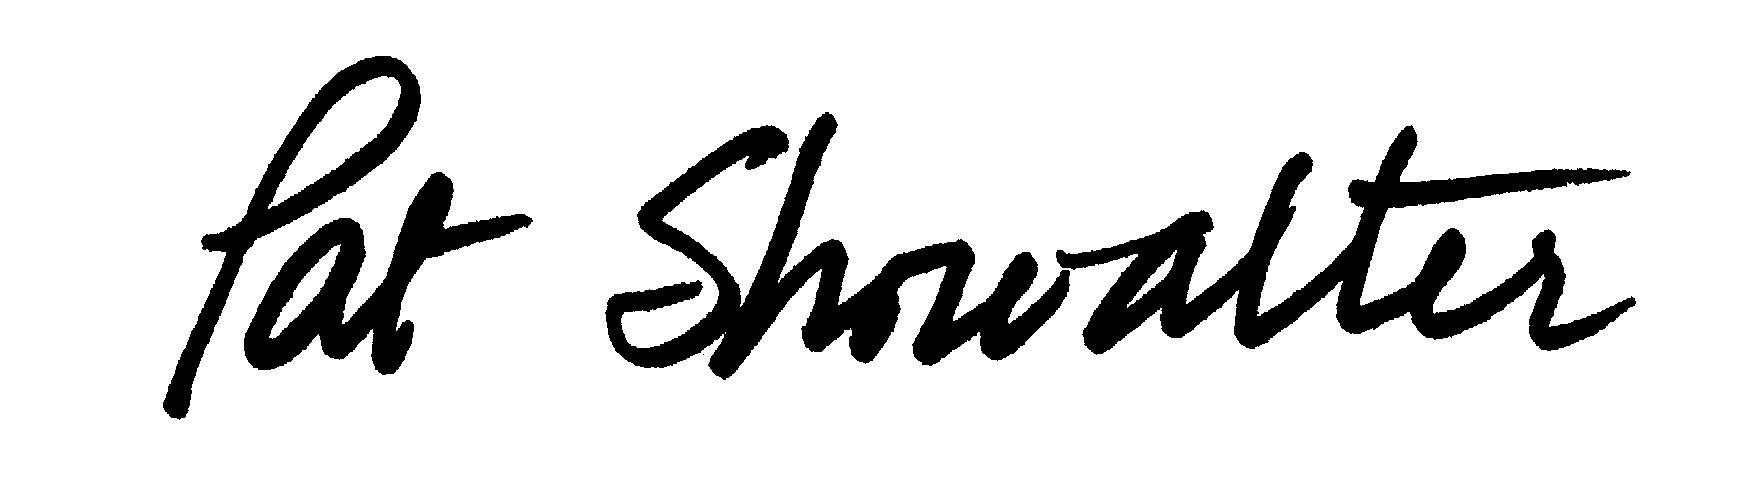 Pat Showalter's Signature